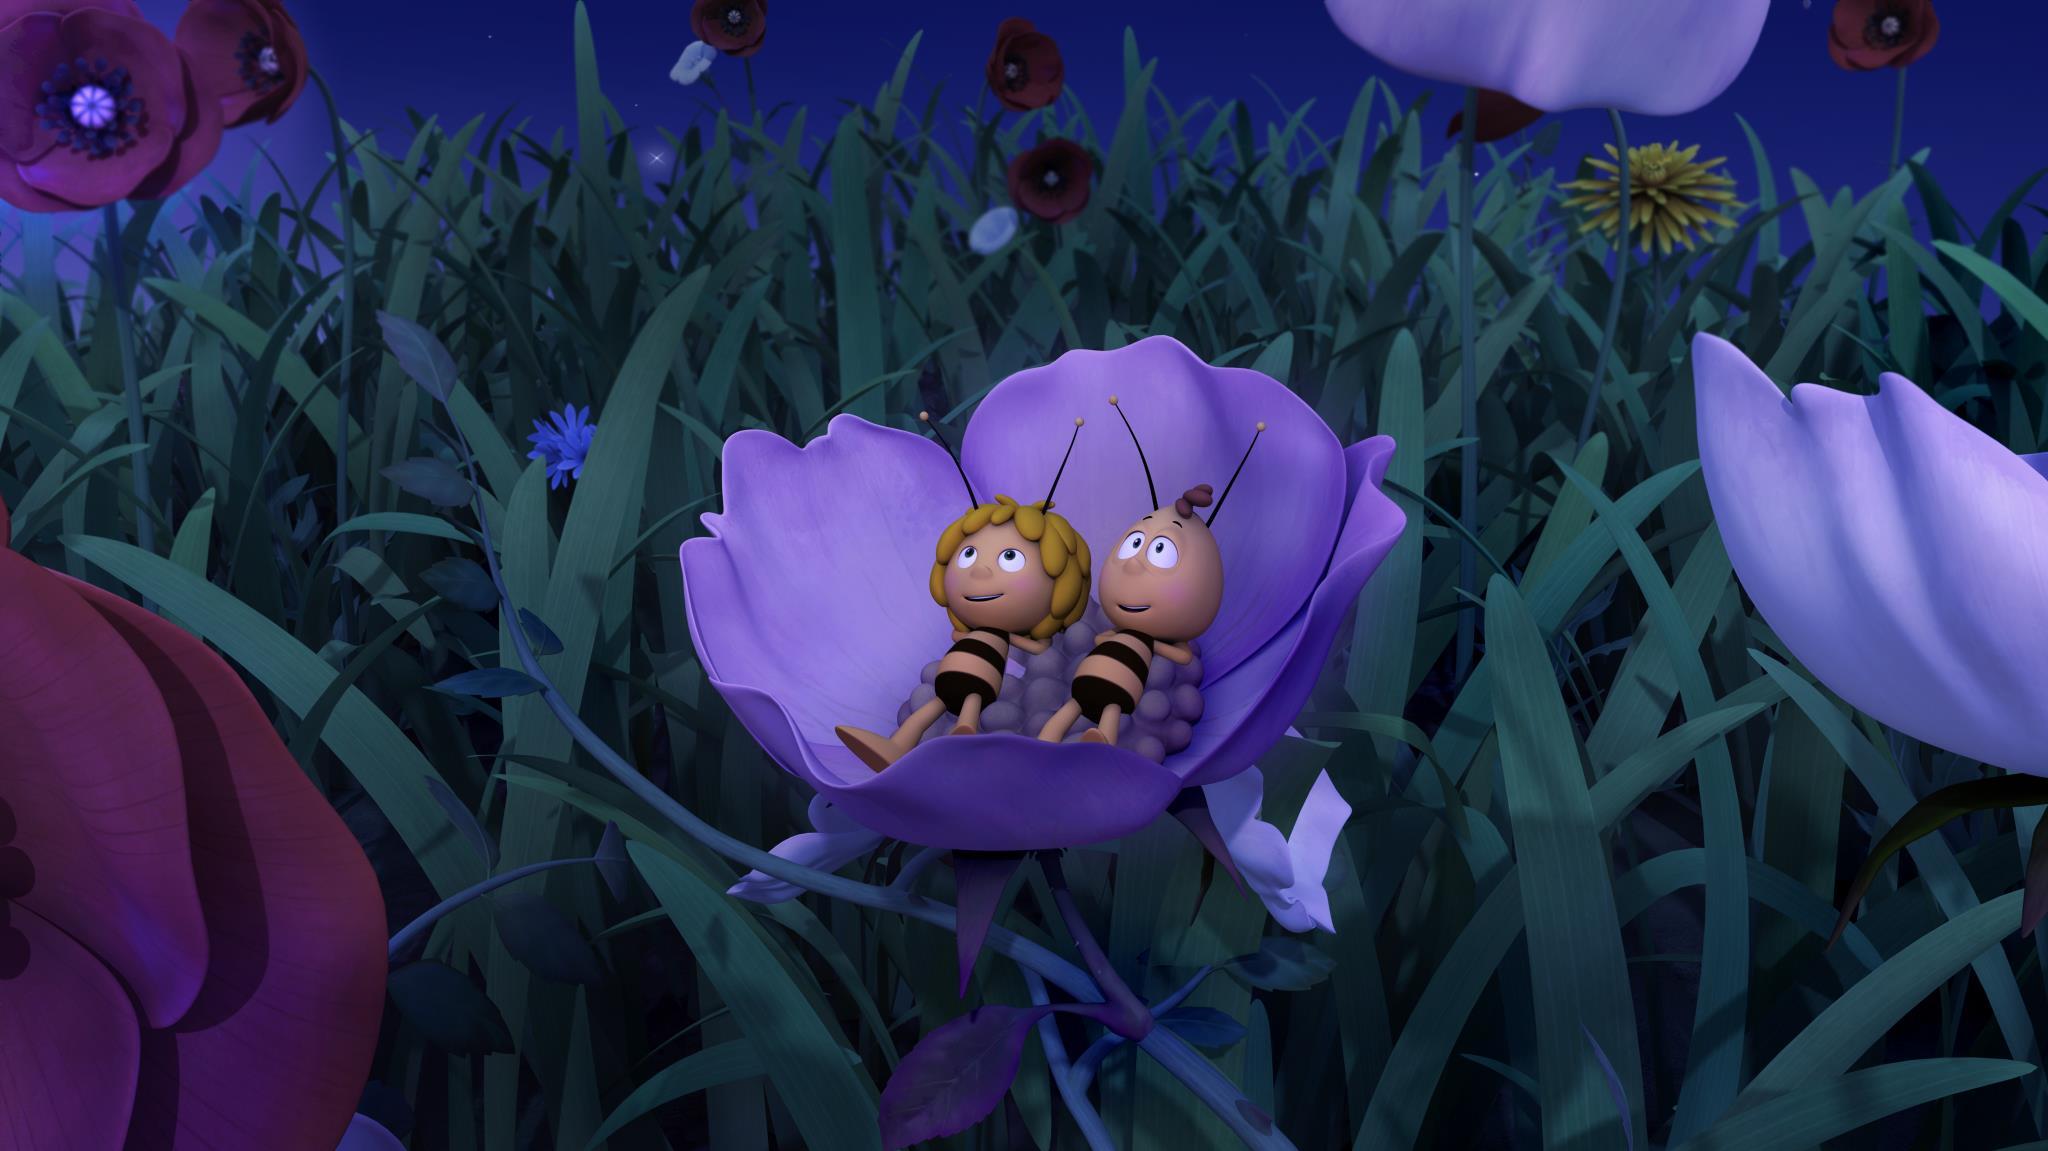 L'ape Maia - Il film: Maia e Willy si riposano di notte nel prato in una scena del film